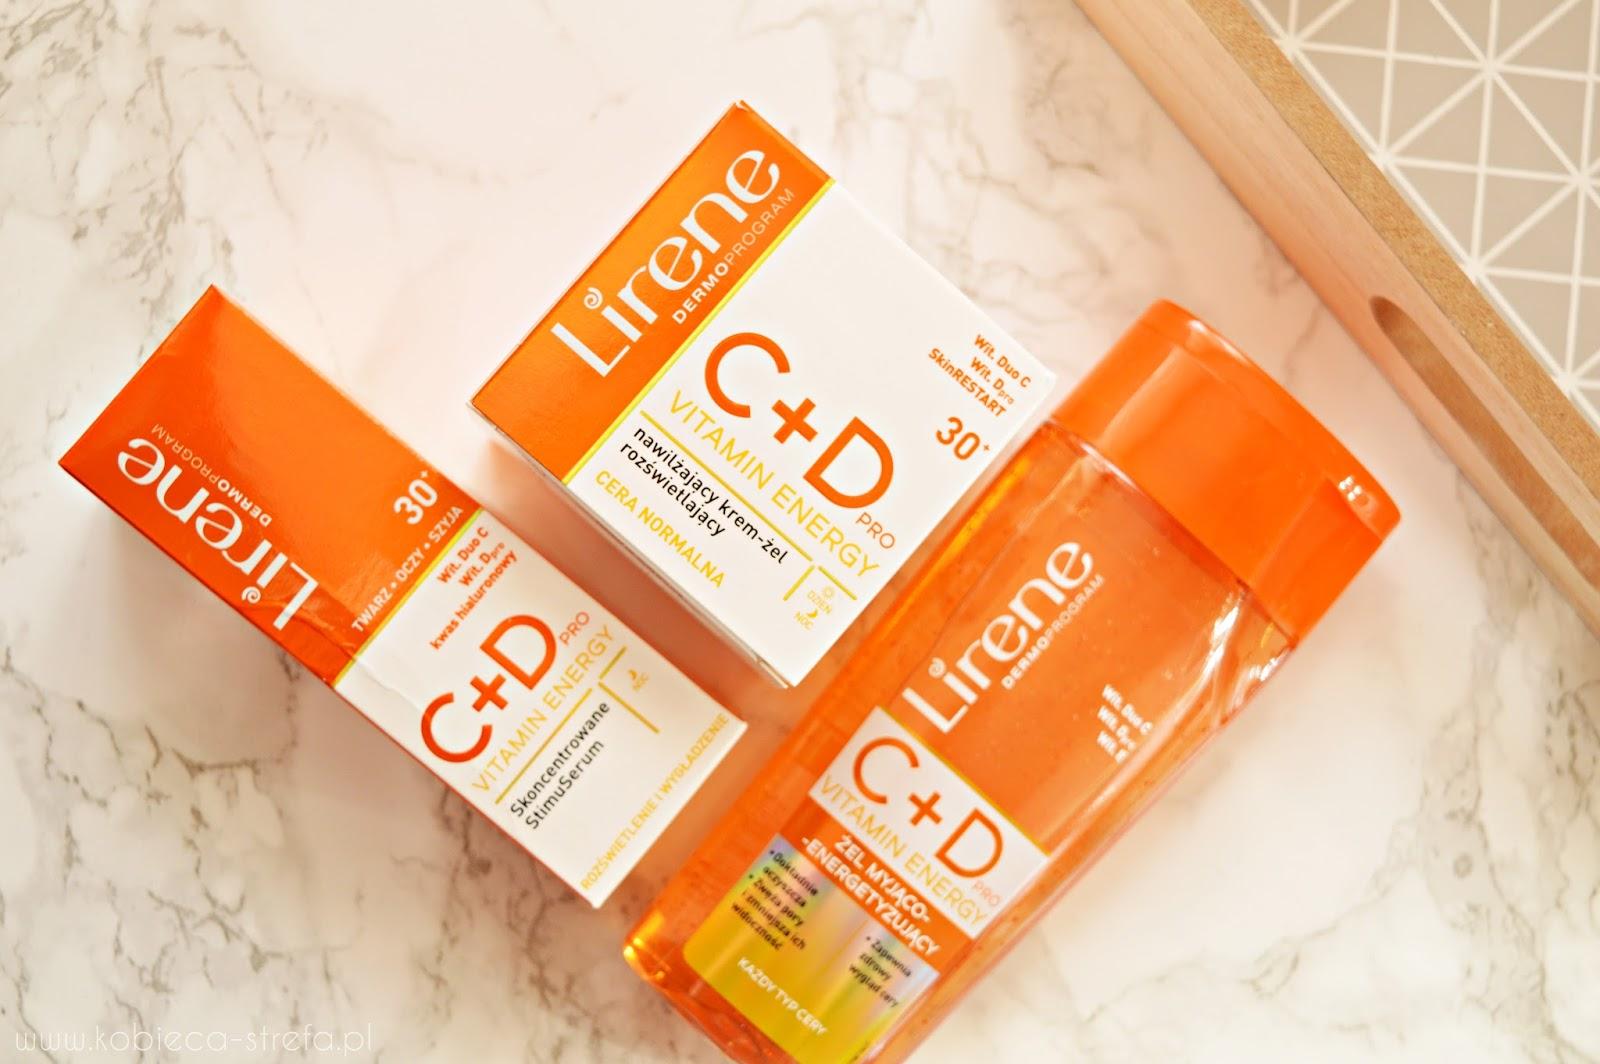 Witaminowa bomba od Lirene - C+D pro Vitamin Energy: skoncentrowane StimuSerum, nawilżający krem-żel rozświetlający oraz żel myjąco-energetyzujący do twarzy